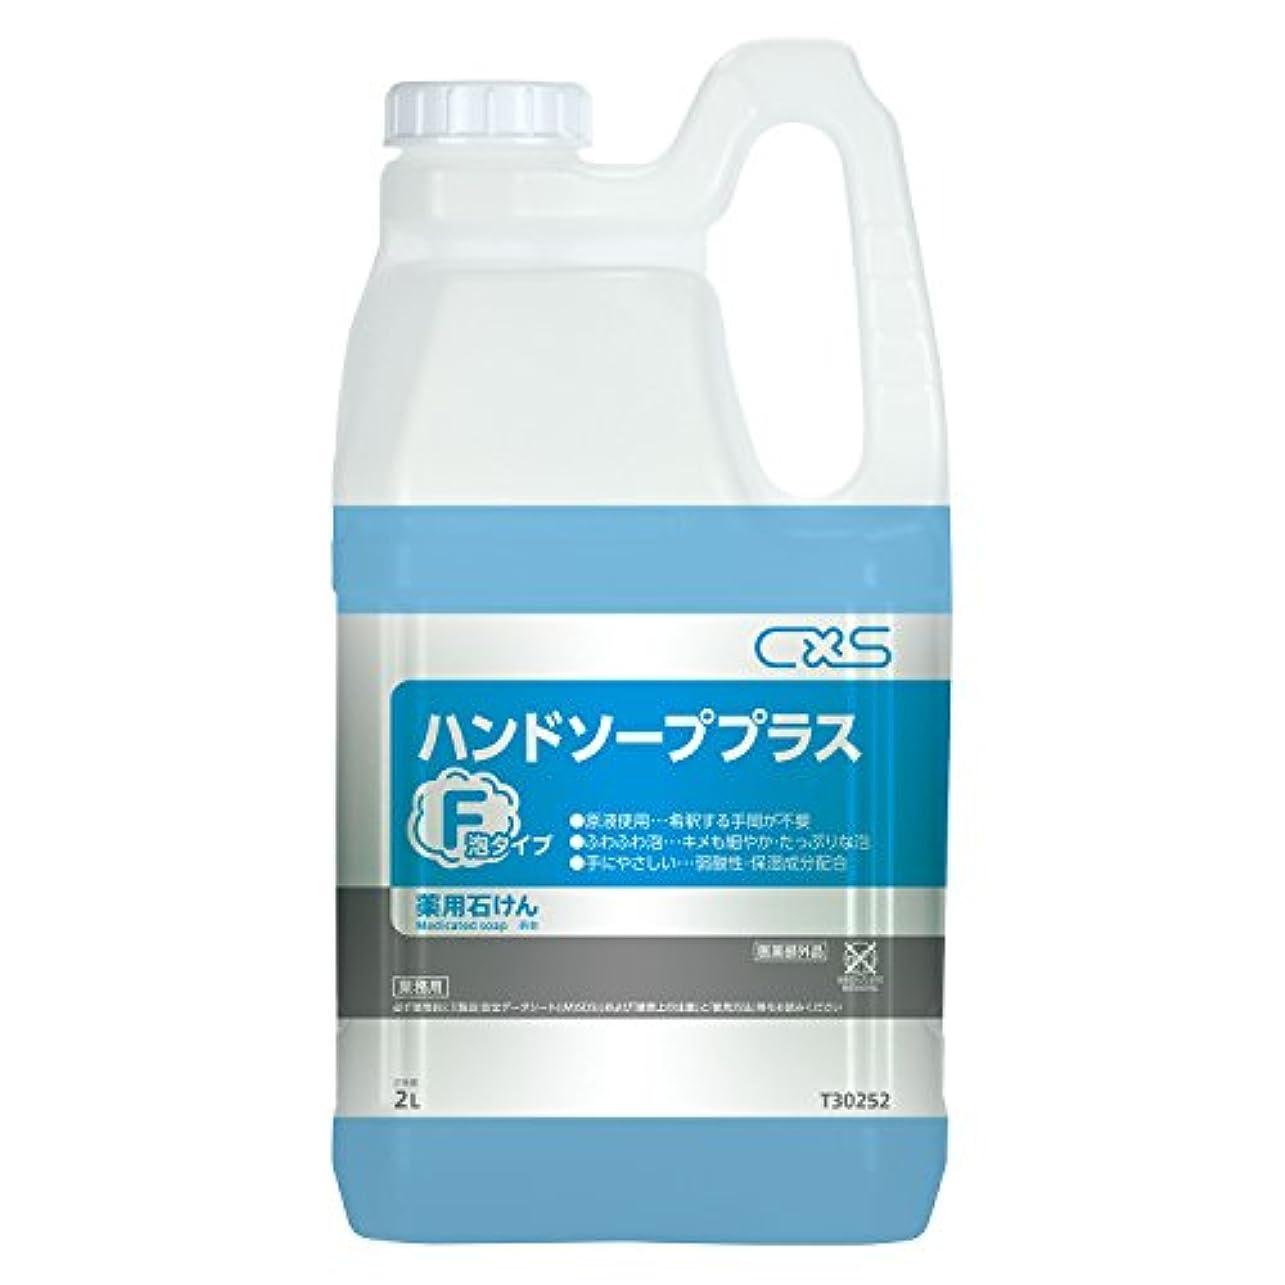 ジャンクローン化合物シーバイエス ハンドソープ プラスF 2L T30252-4346 【4812271】